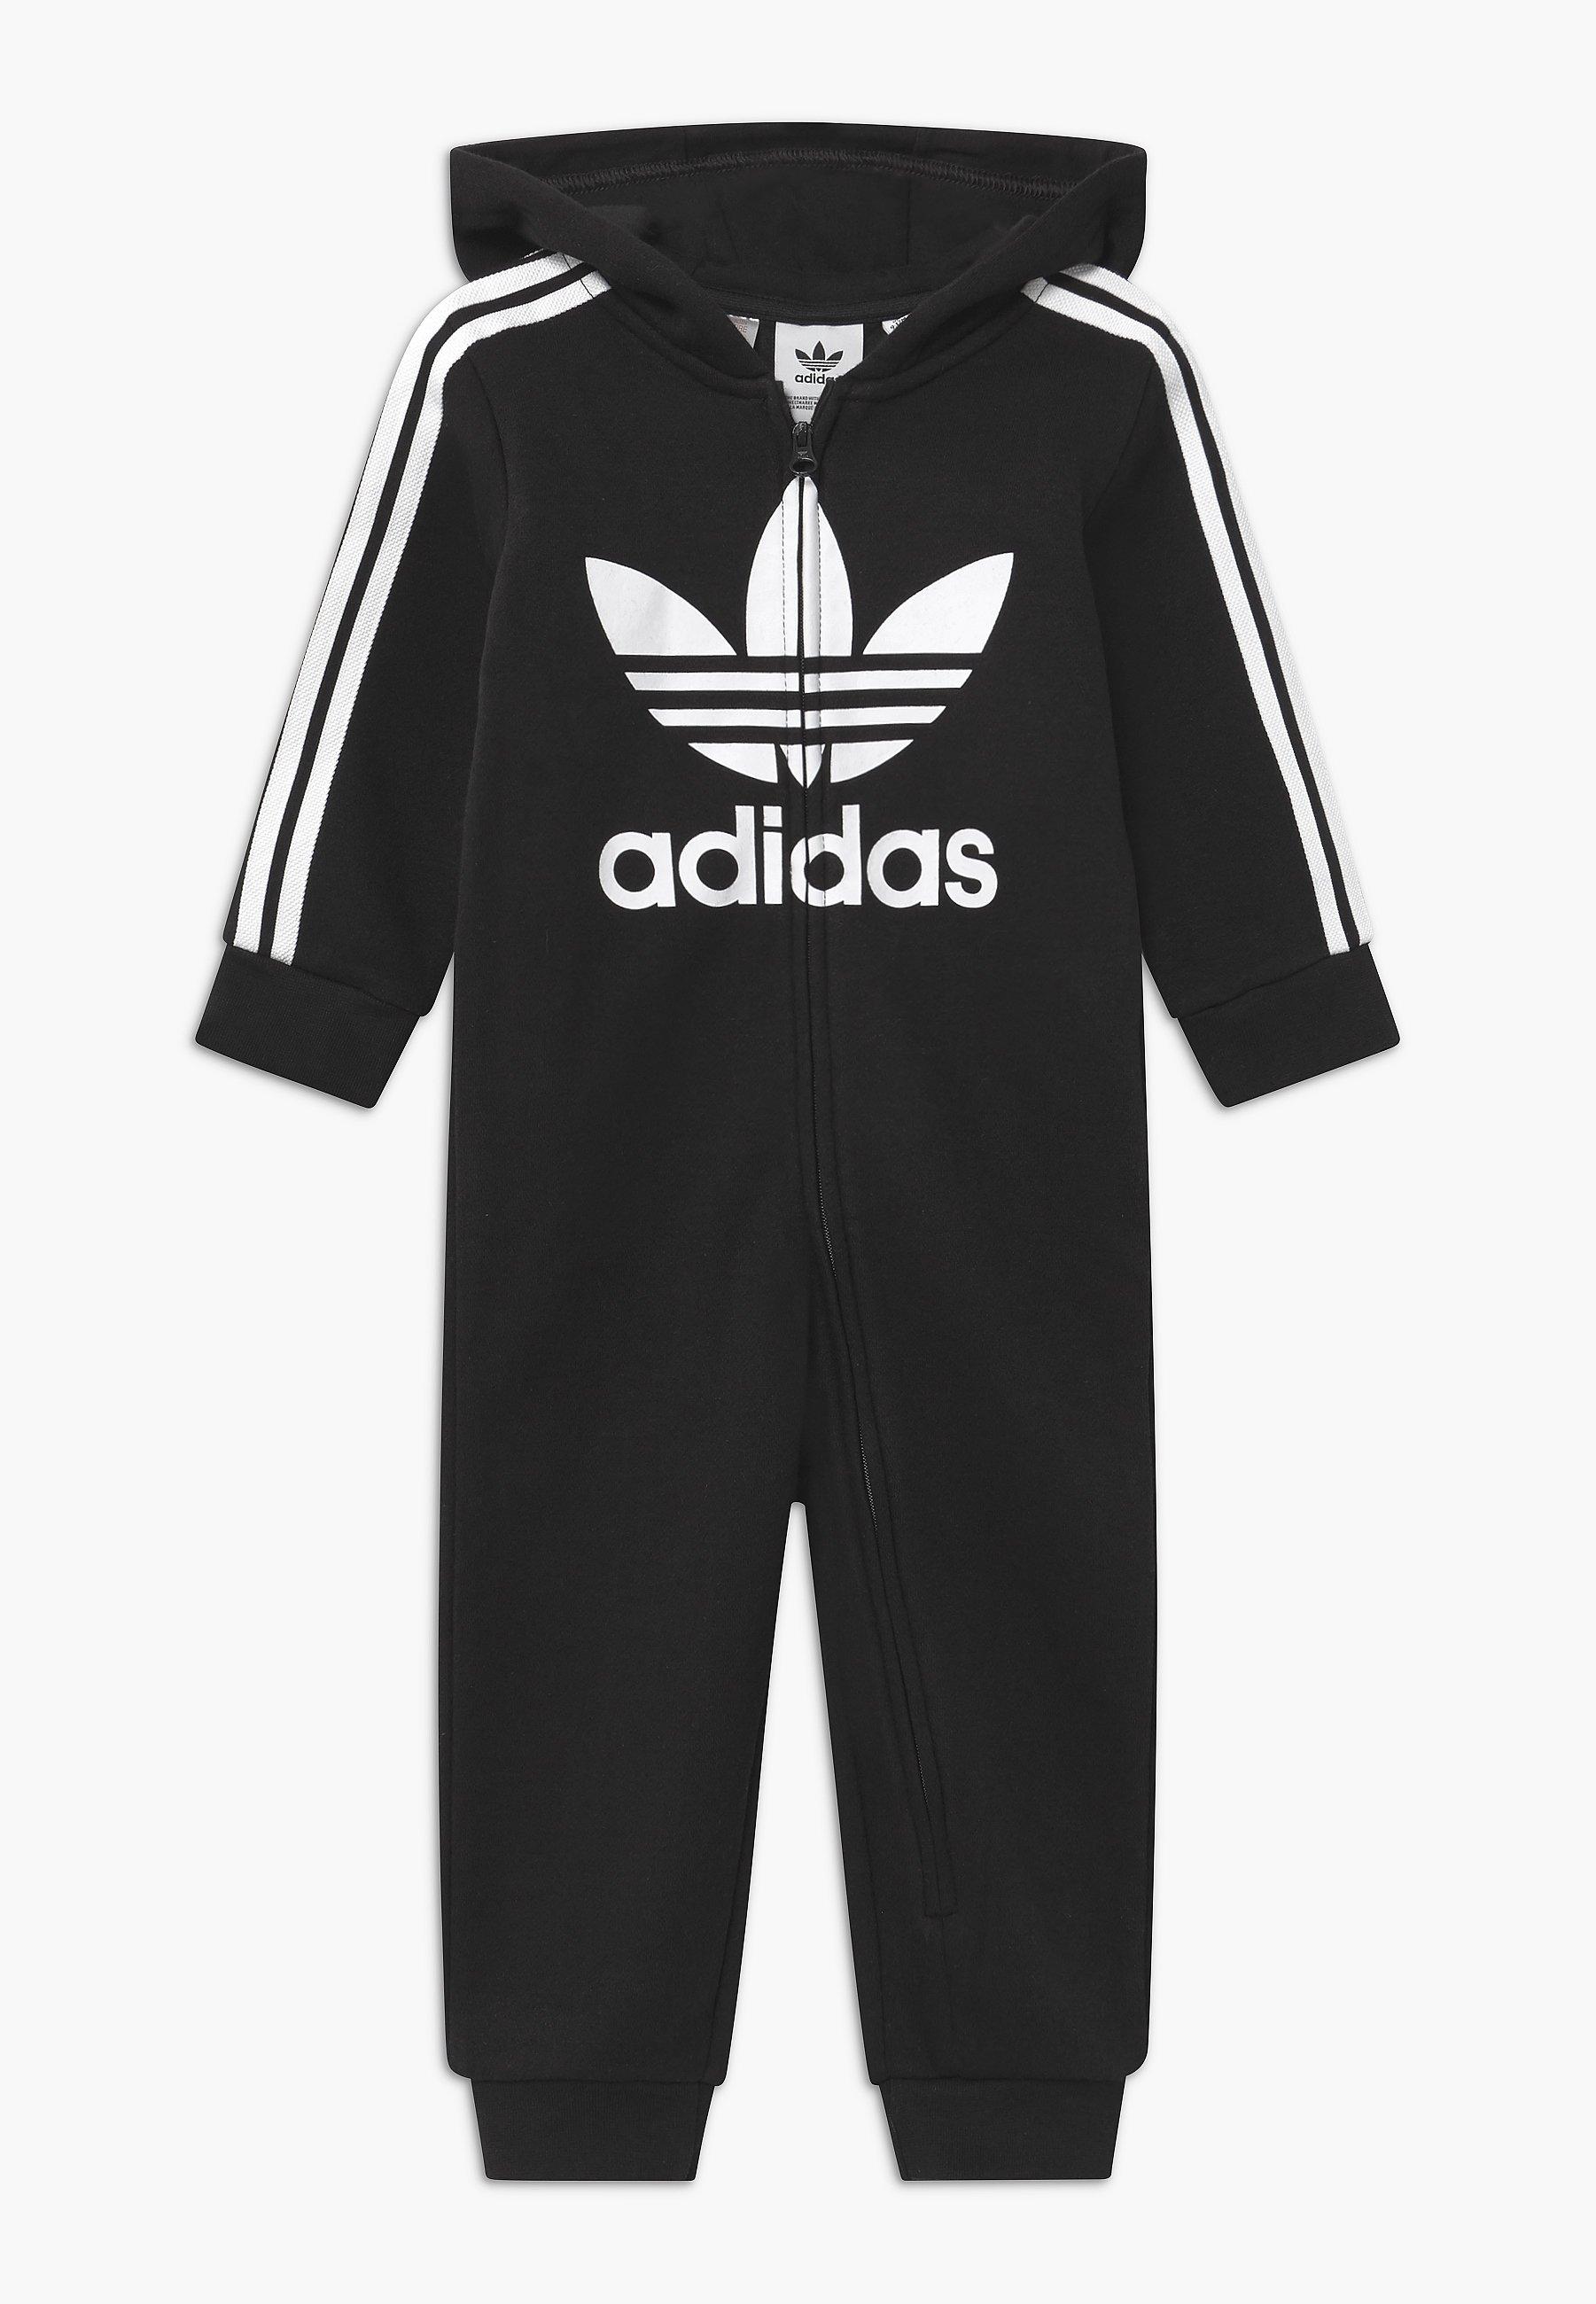 Adidas Barnskor, barnkläder & accessoarer online hos Zalando